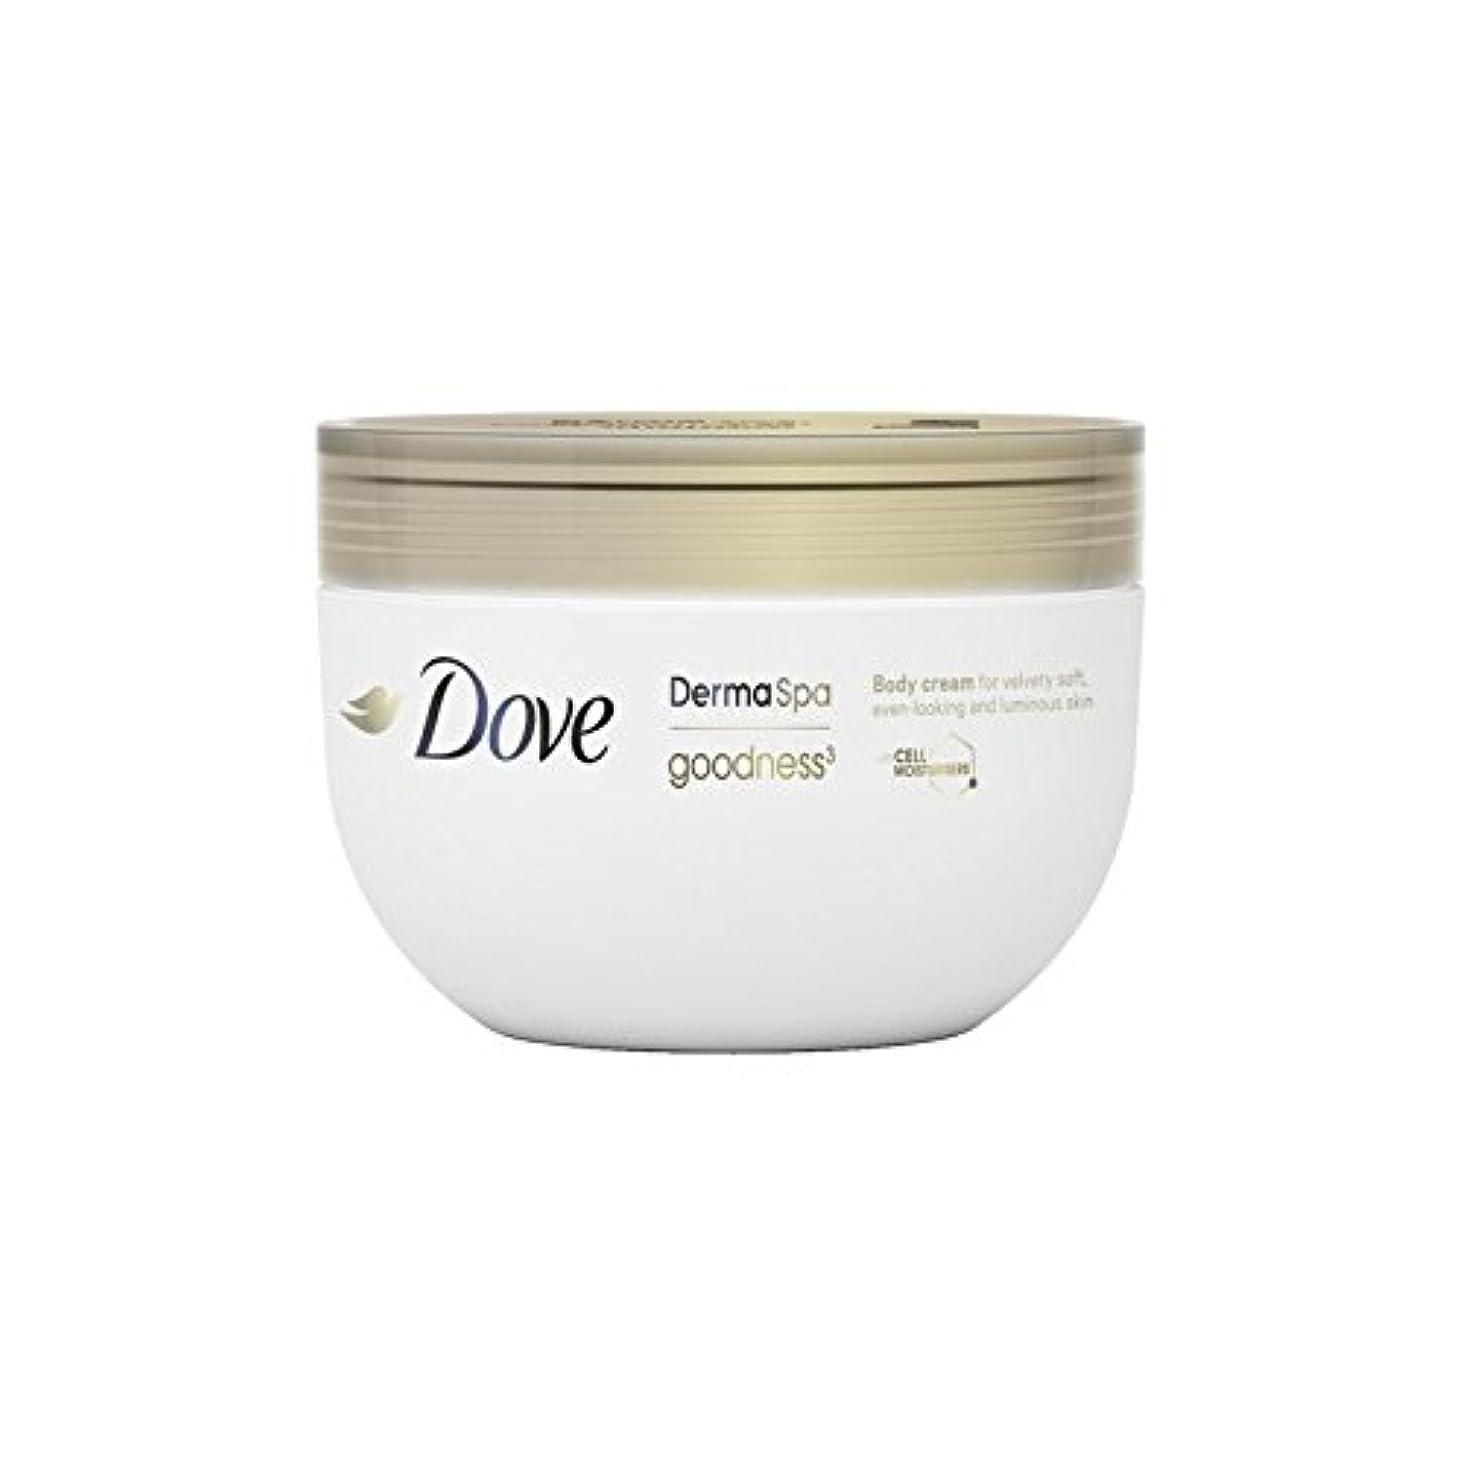 明るくする振幅彼らのもの鳩の3ボディクリーム(300ミリリットル) x2 - Dove DermaSpa Goodness3 Body Cream (300ml) (Pack of 2) [並行輸入品]